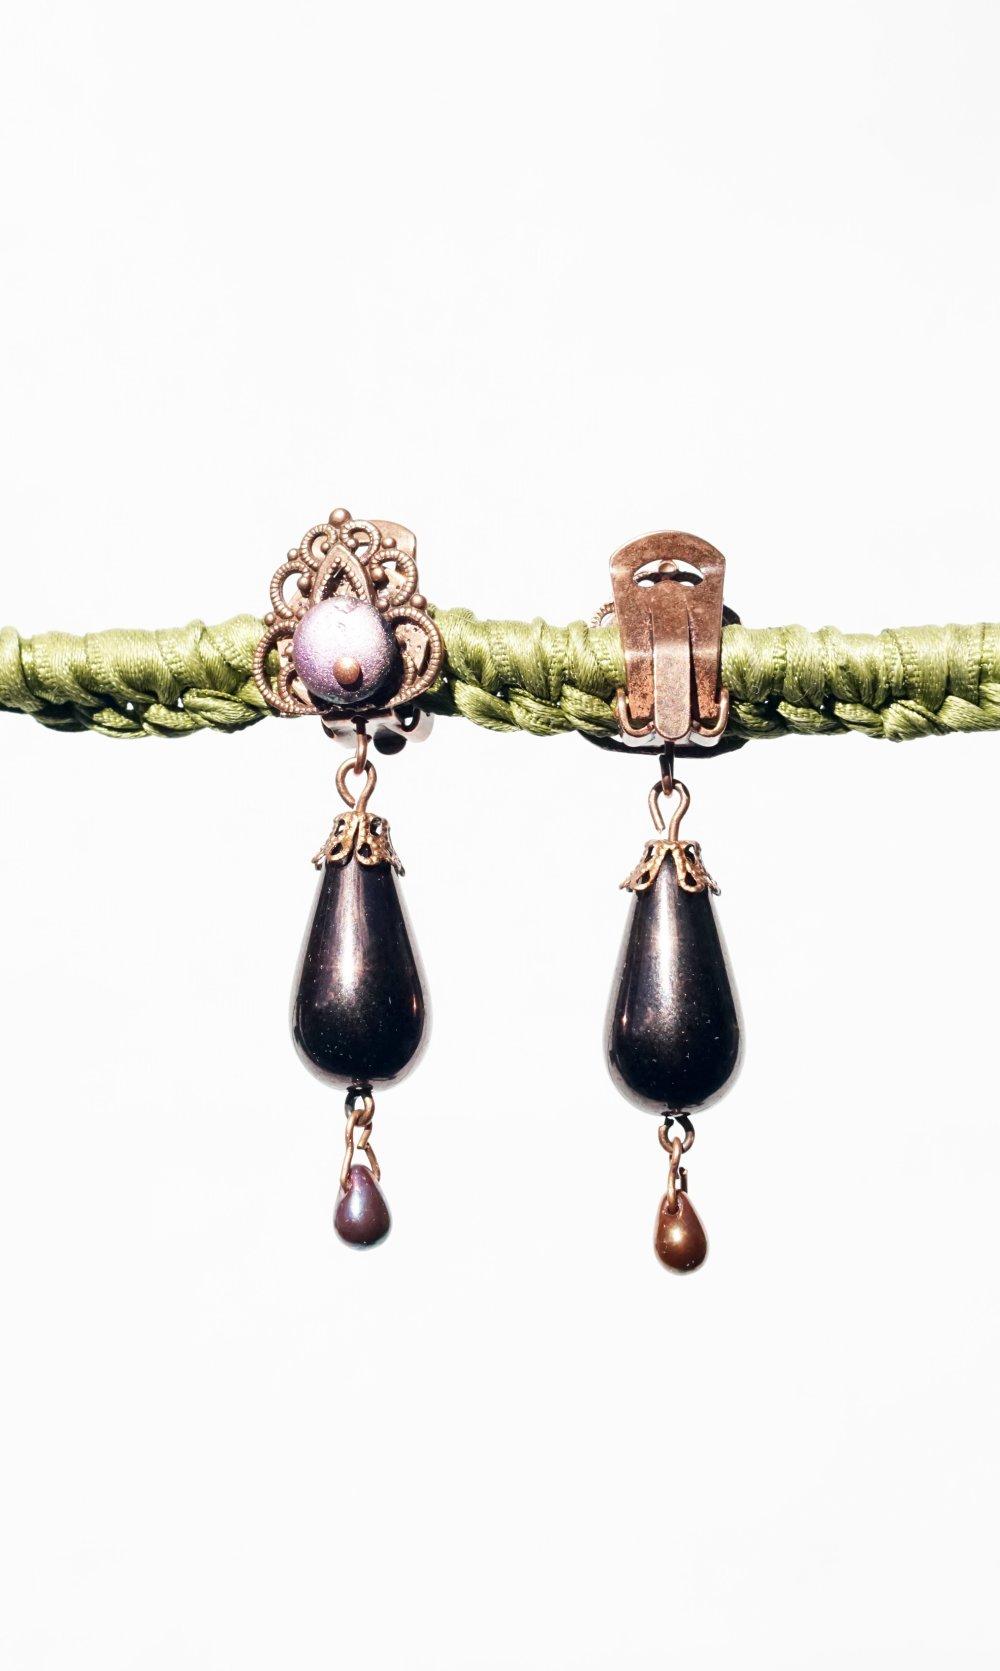 CLIPS Boucles d'oreilles Clips Marron Parme  & cuivre Cristal de Bohème Czech Bijoux Créateur création Française